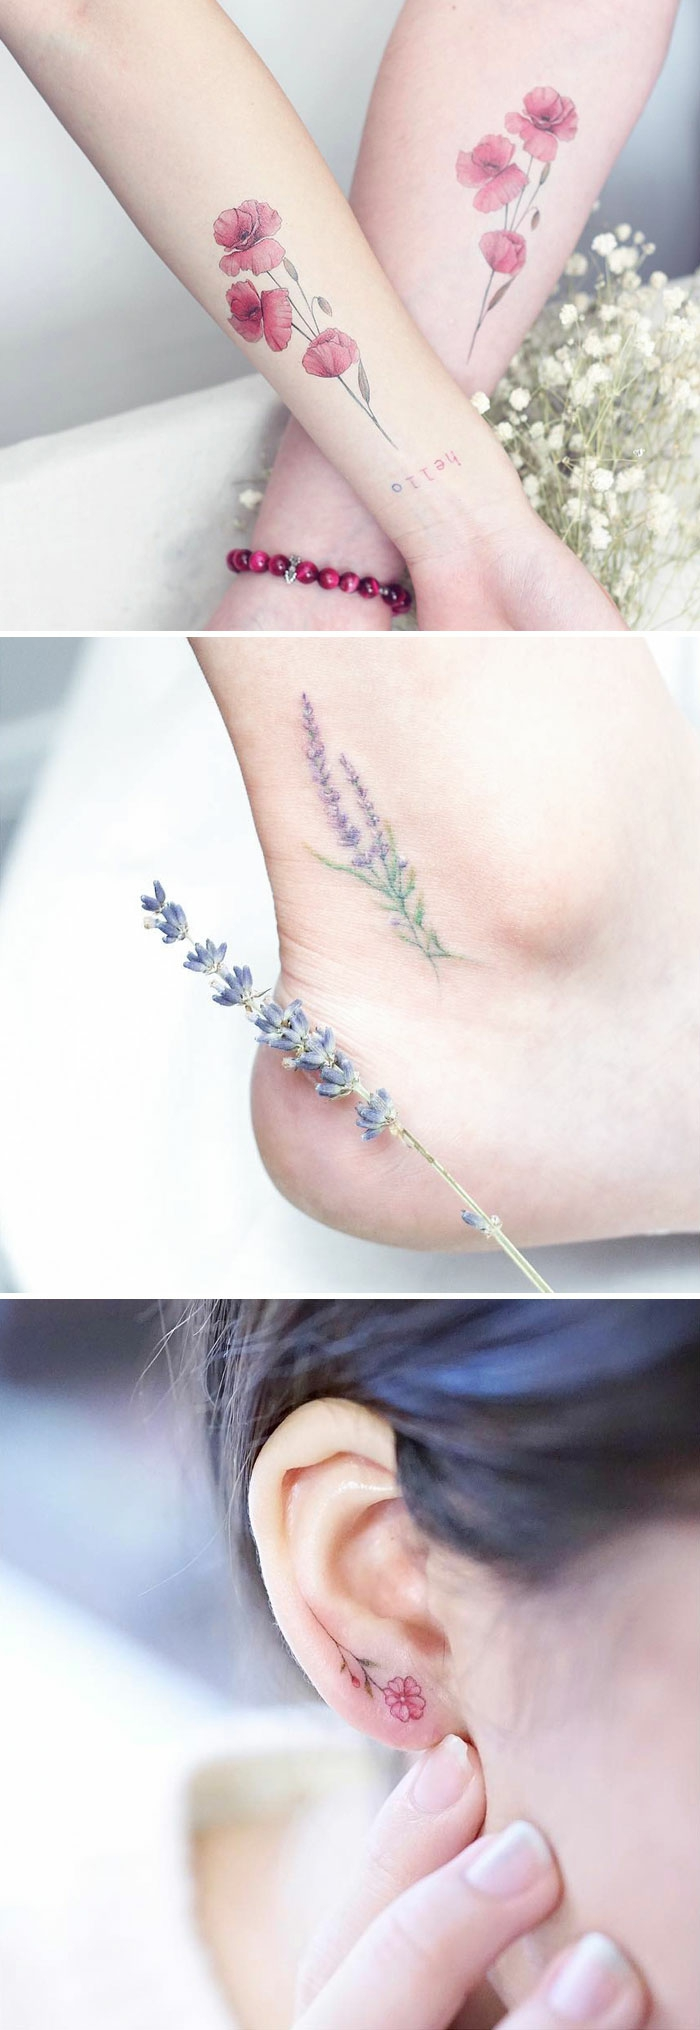 Photo de tatouage femme poignet idées tatoo superbe fleurs colorés